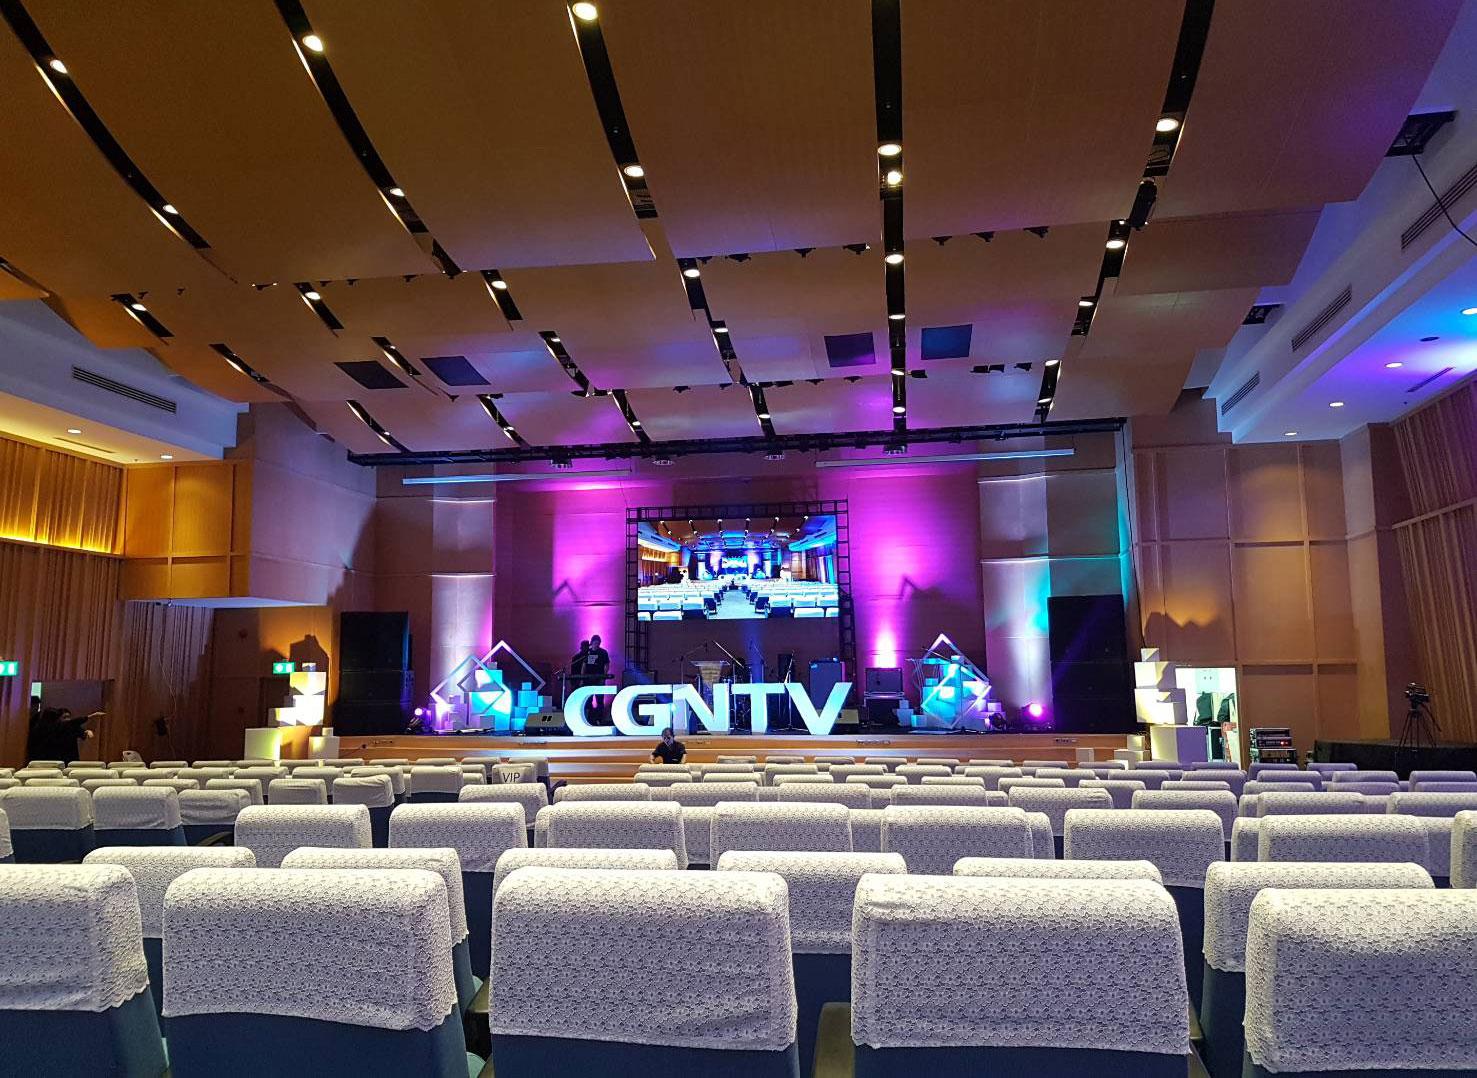 งานเช่าจอ LED เปิดตัวช่องใหม่ IPTV สภาคริสตจักรแห่งประเทศไทย